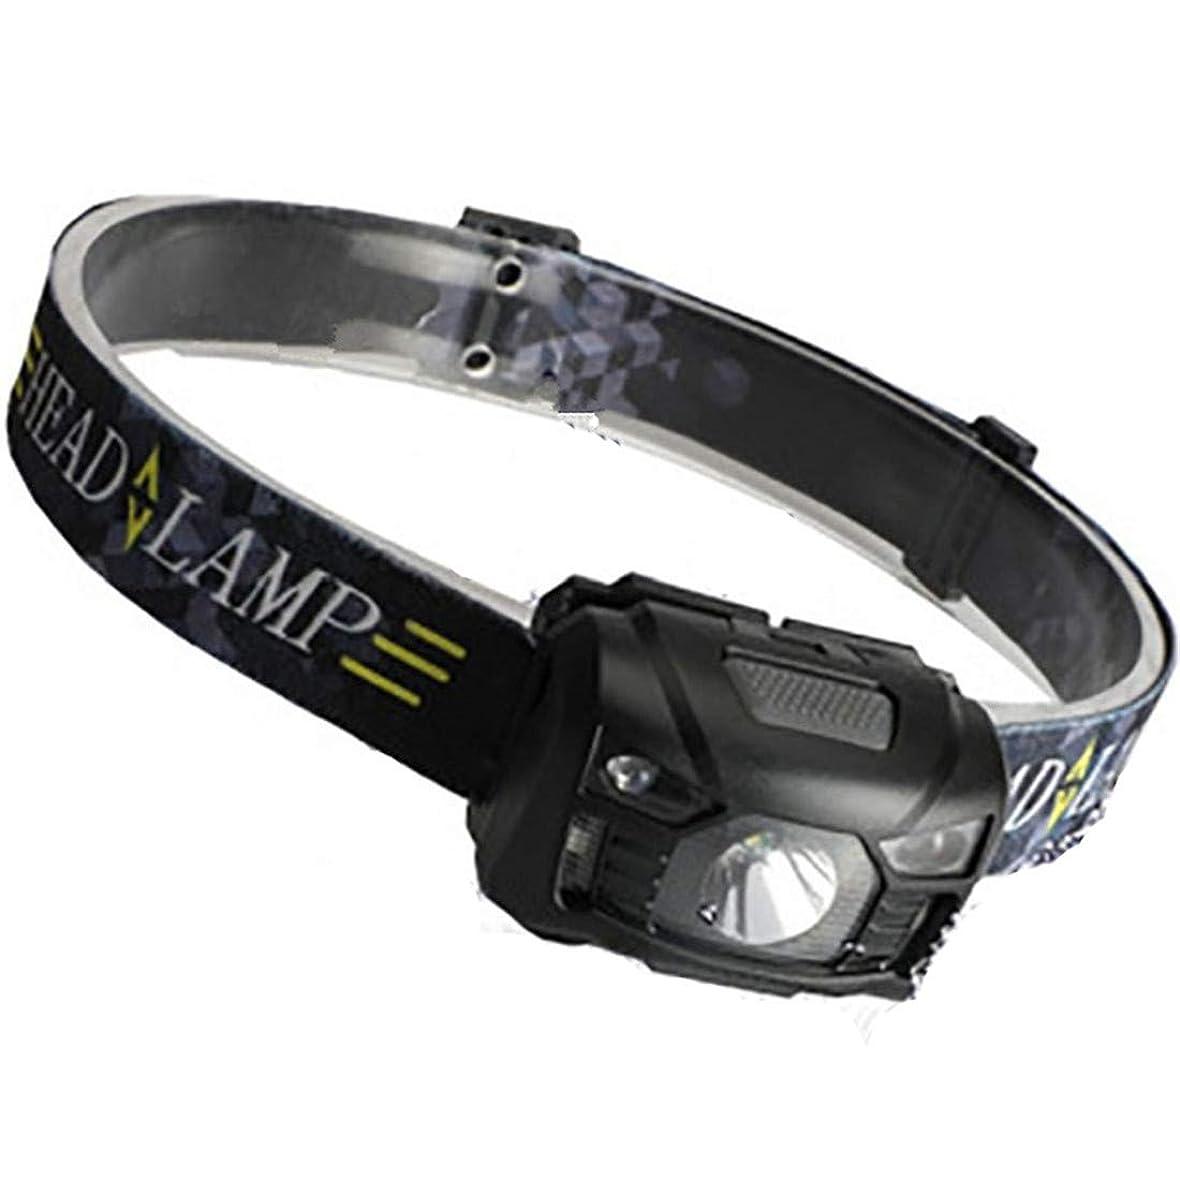 申請中囲まれたフクロウTatuer ヘッドライト USB充電式 センサー機能 ヘッドランプ 高輝度 小型軽量 IPX4防水 五つの点灯モード 釣り/キャンプ/サイクリング/作業/防犯防災などに最適